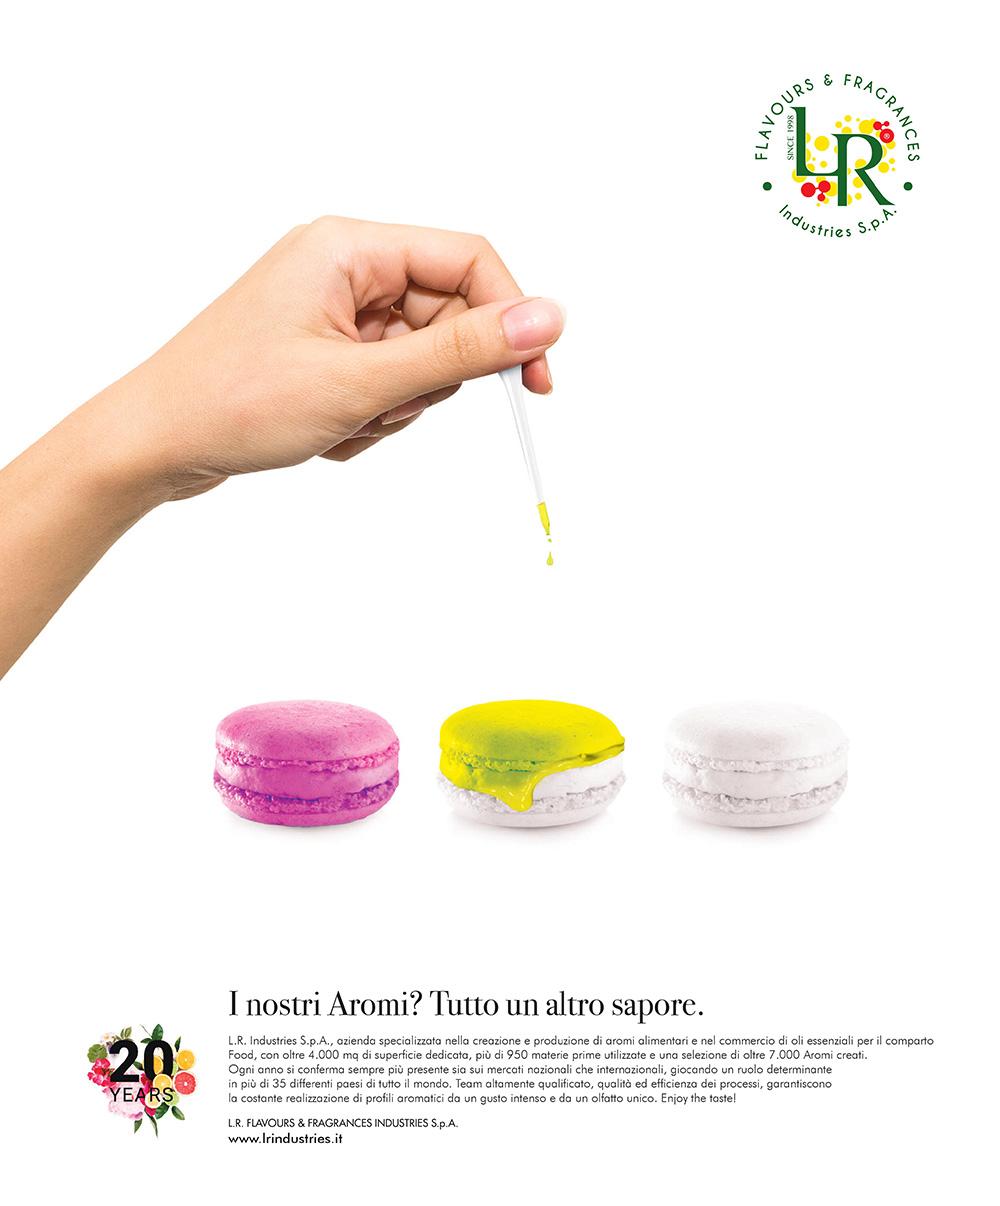 LR-aromi-macarons